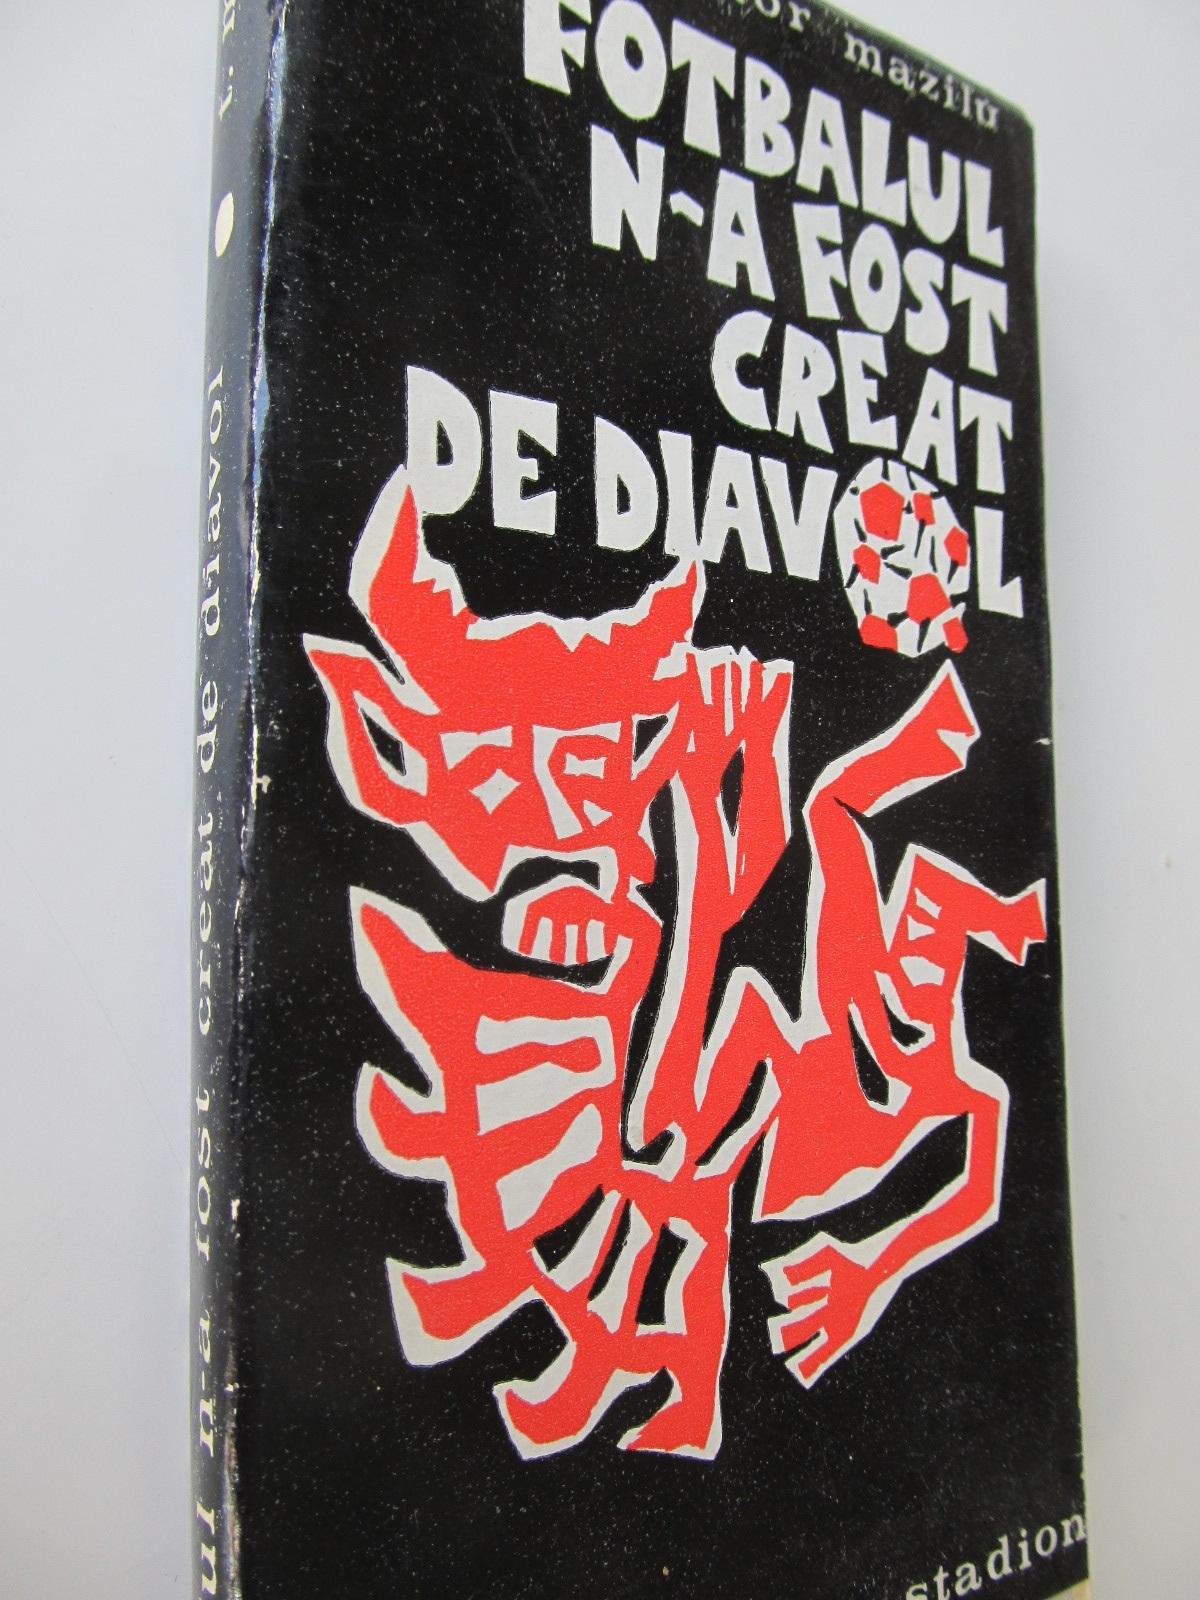 Fotbalul n-a fost creat de diavol - Teodor Mazilu | Detalii carte